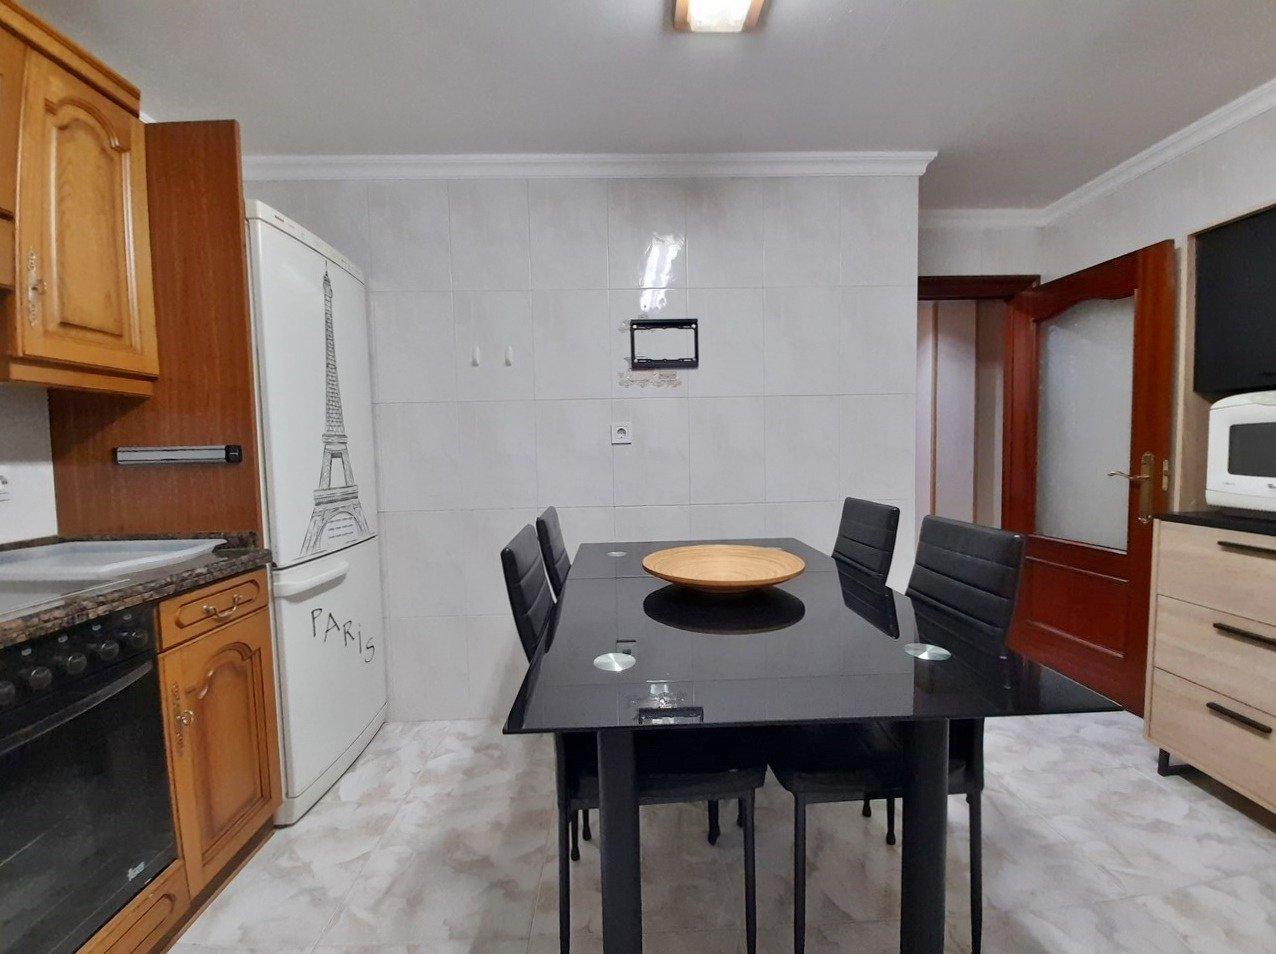 Estupendo piso reformado y amueblado - imagenInmueble4